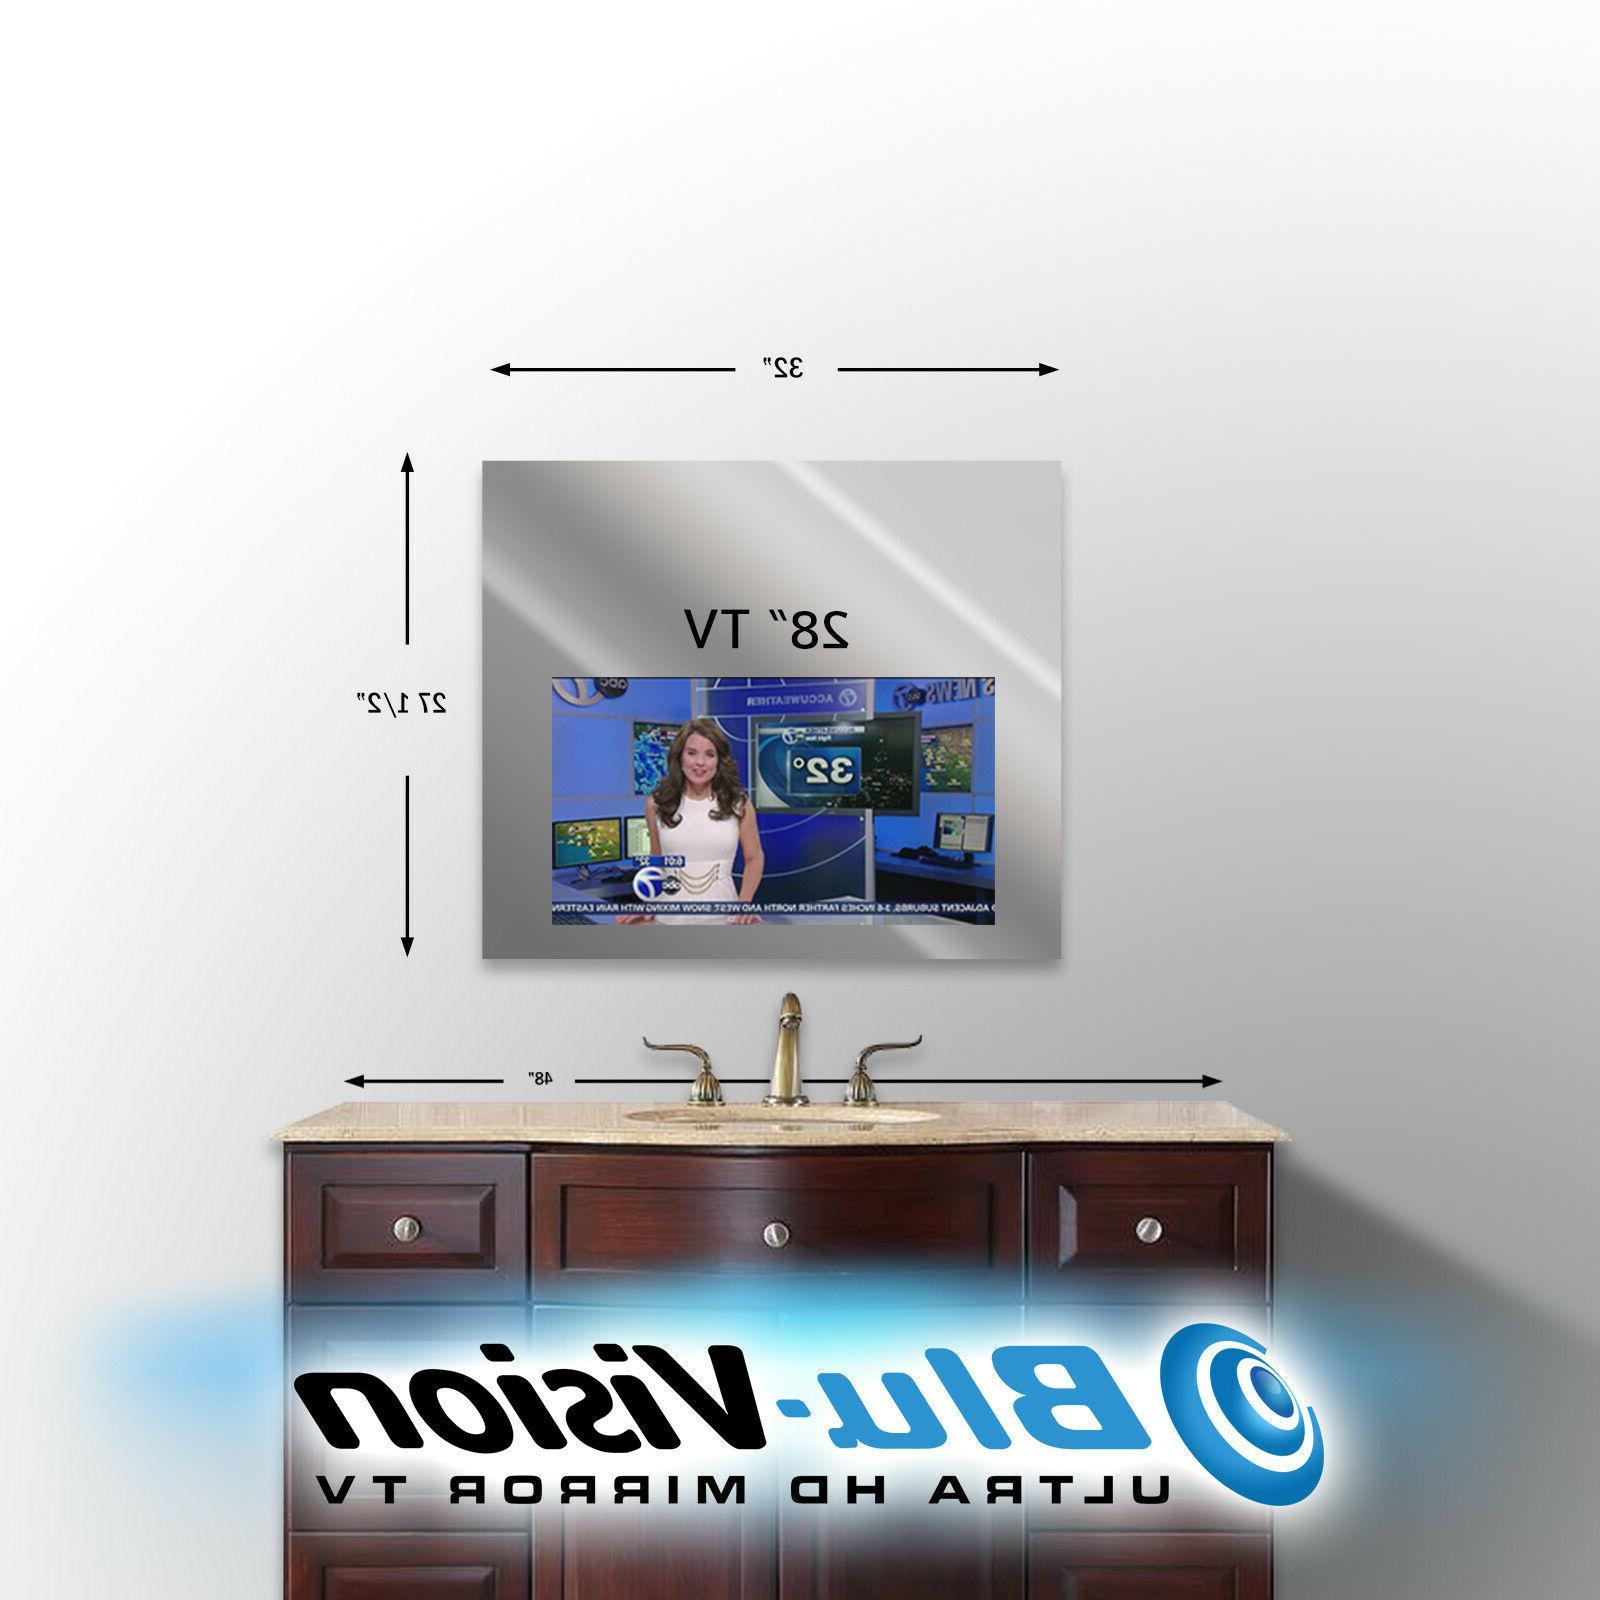 VANITY TV LG 720p 35 WIDE X 23 SALE!